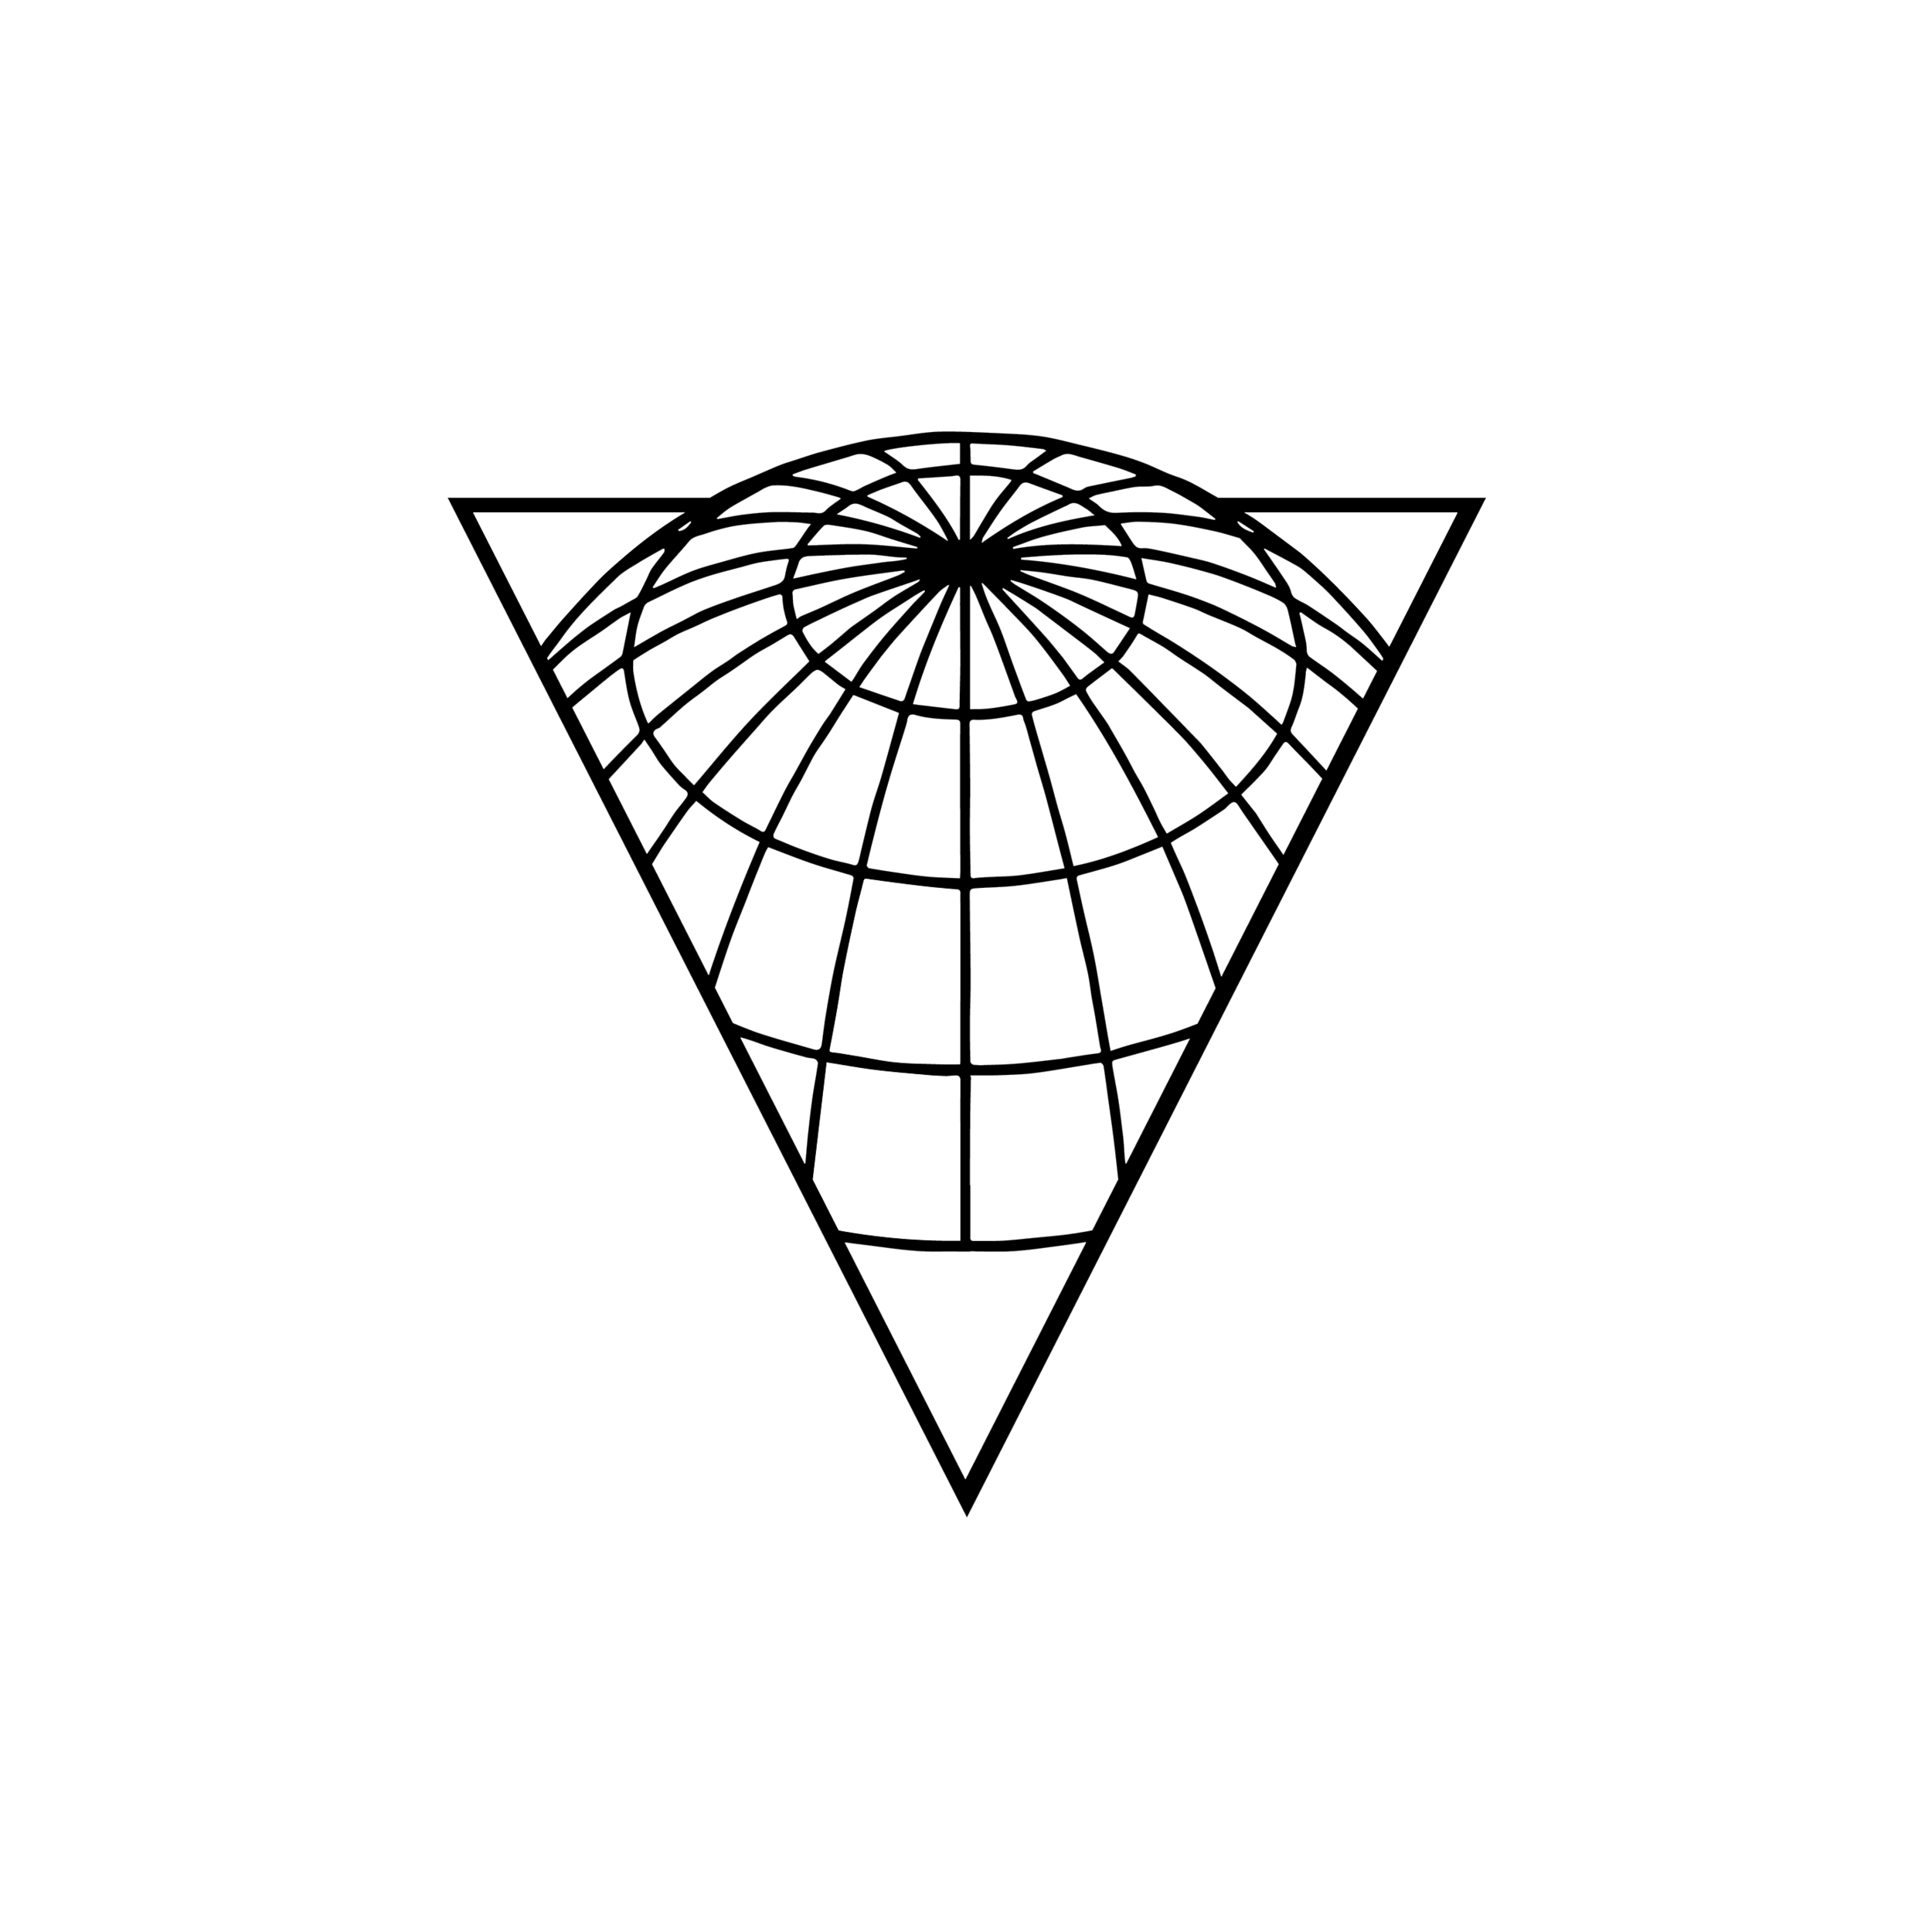 Edoclu Logo Black.jpg